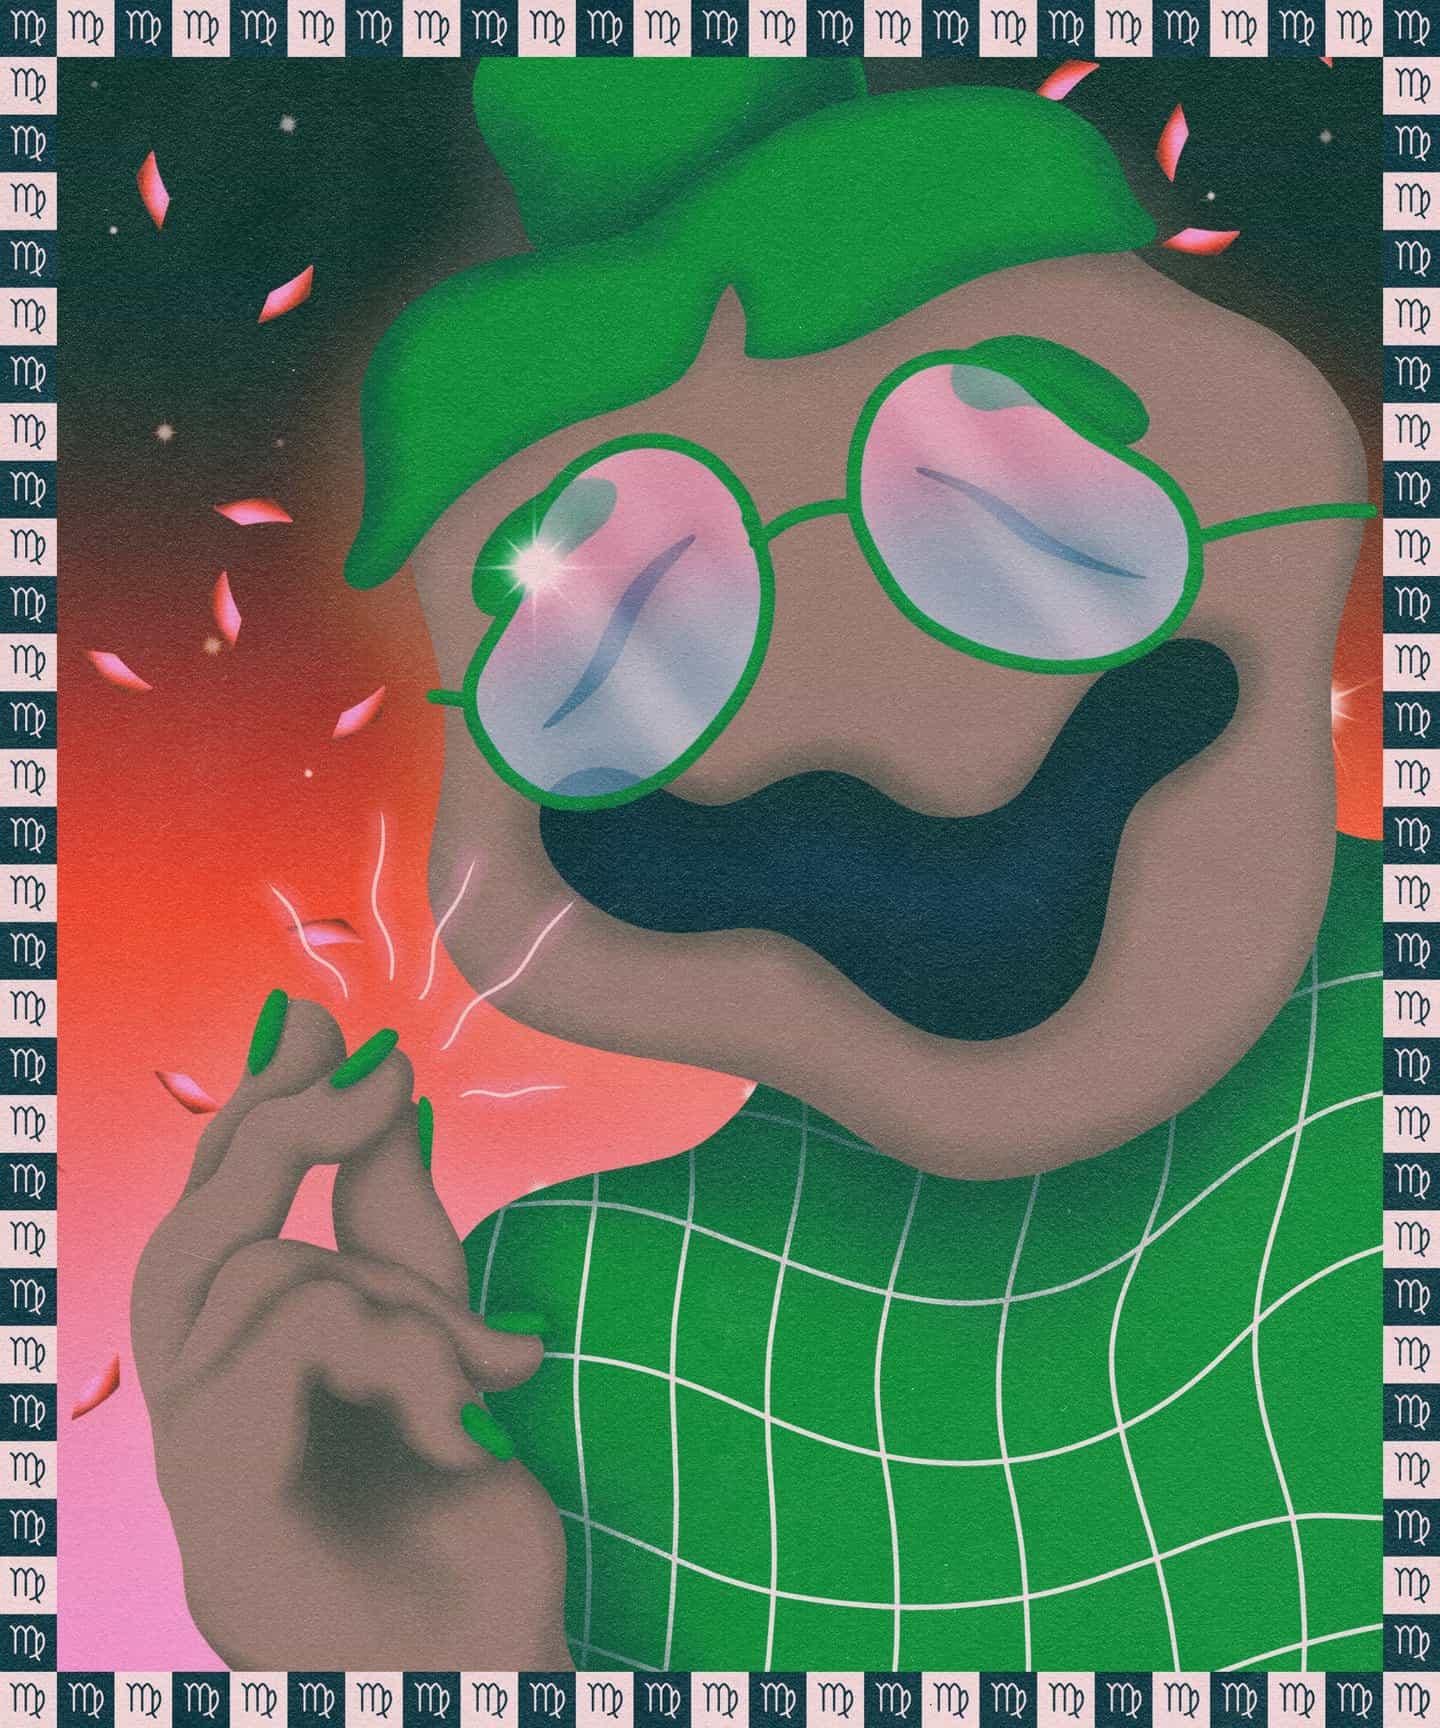 Anthony Eslick utiliza la tensión entre el horror y el humor en sus ilustraciones surrealistas con aerógrafo